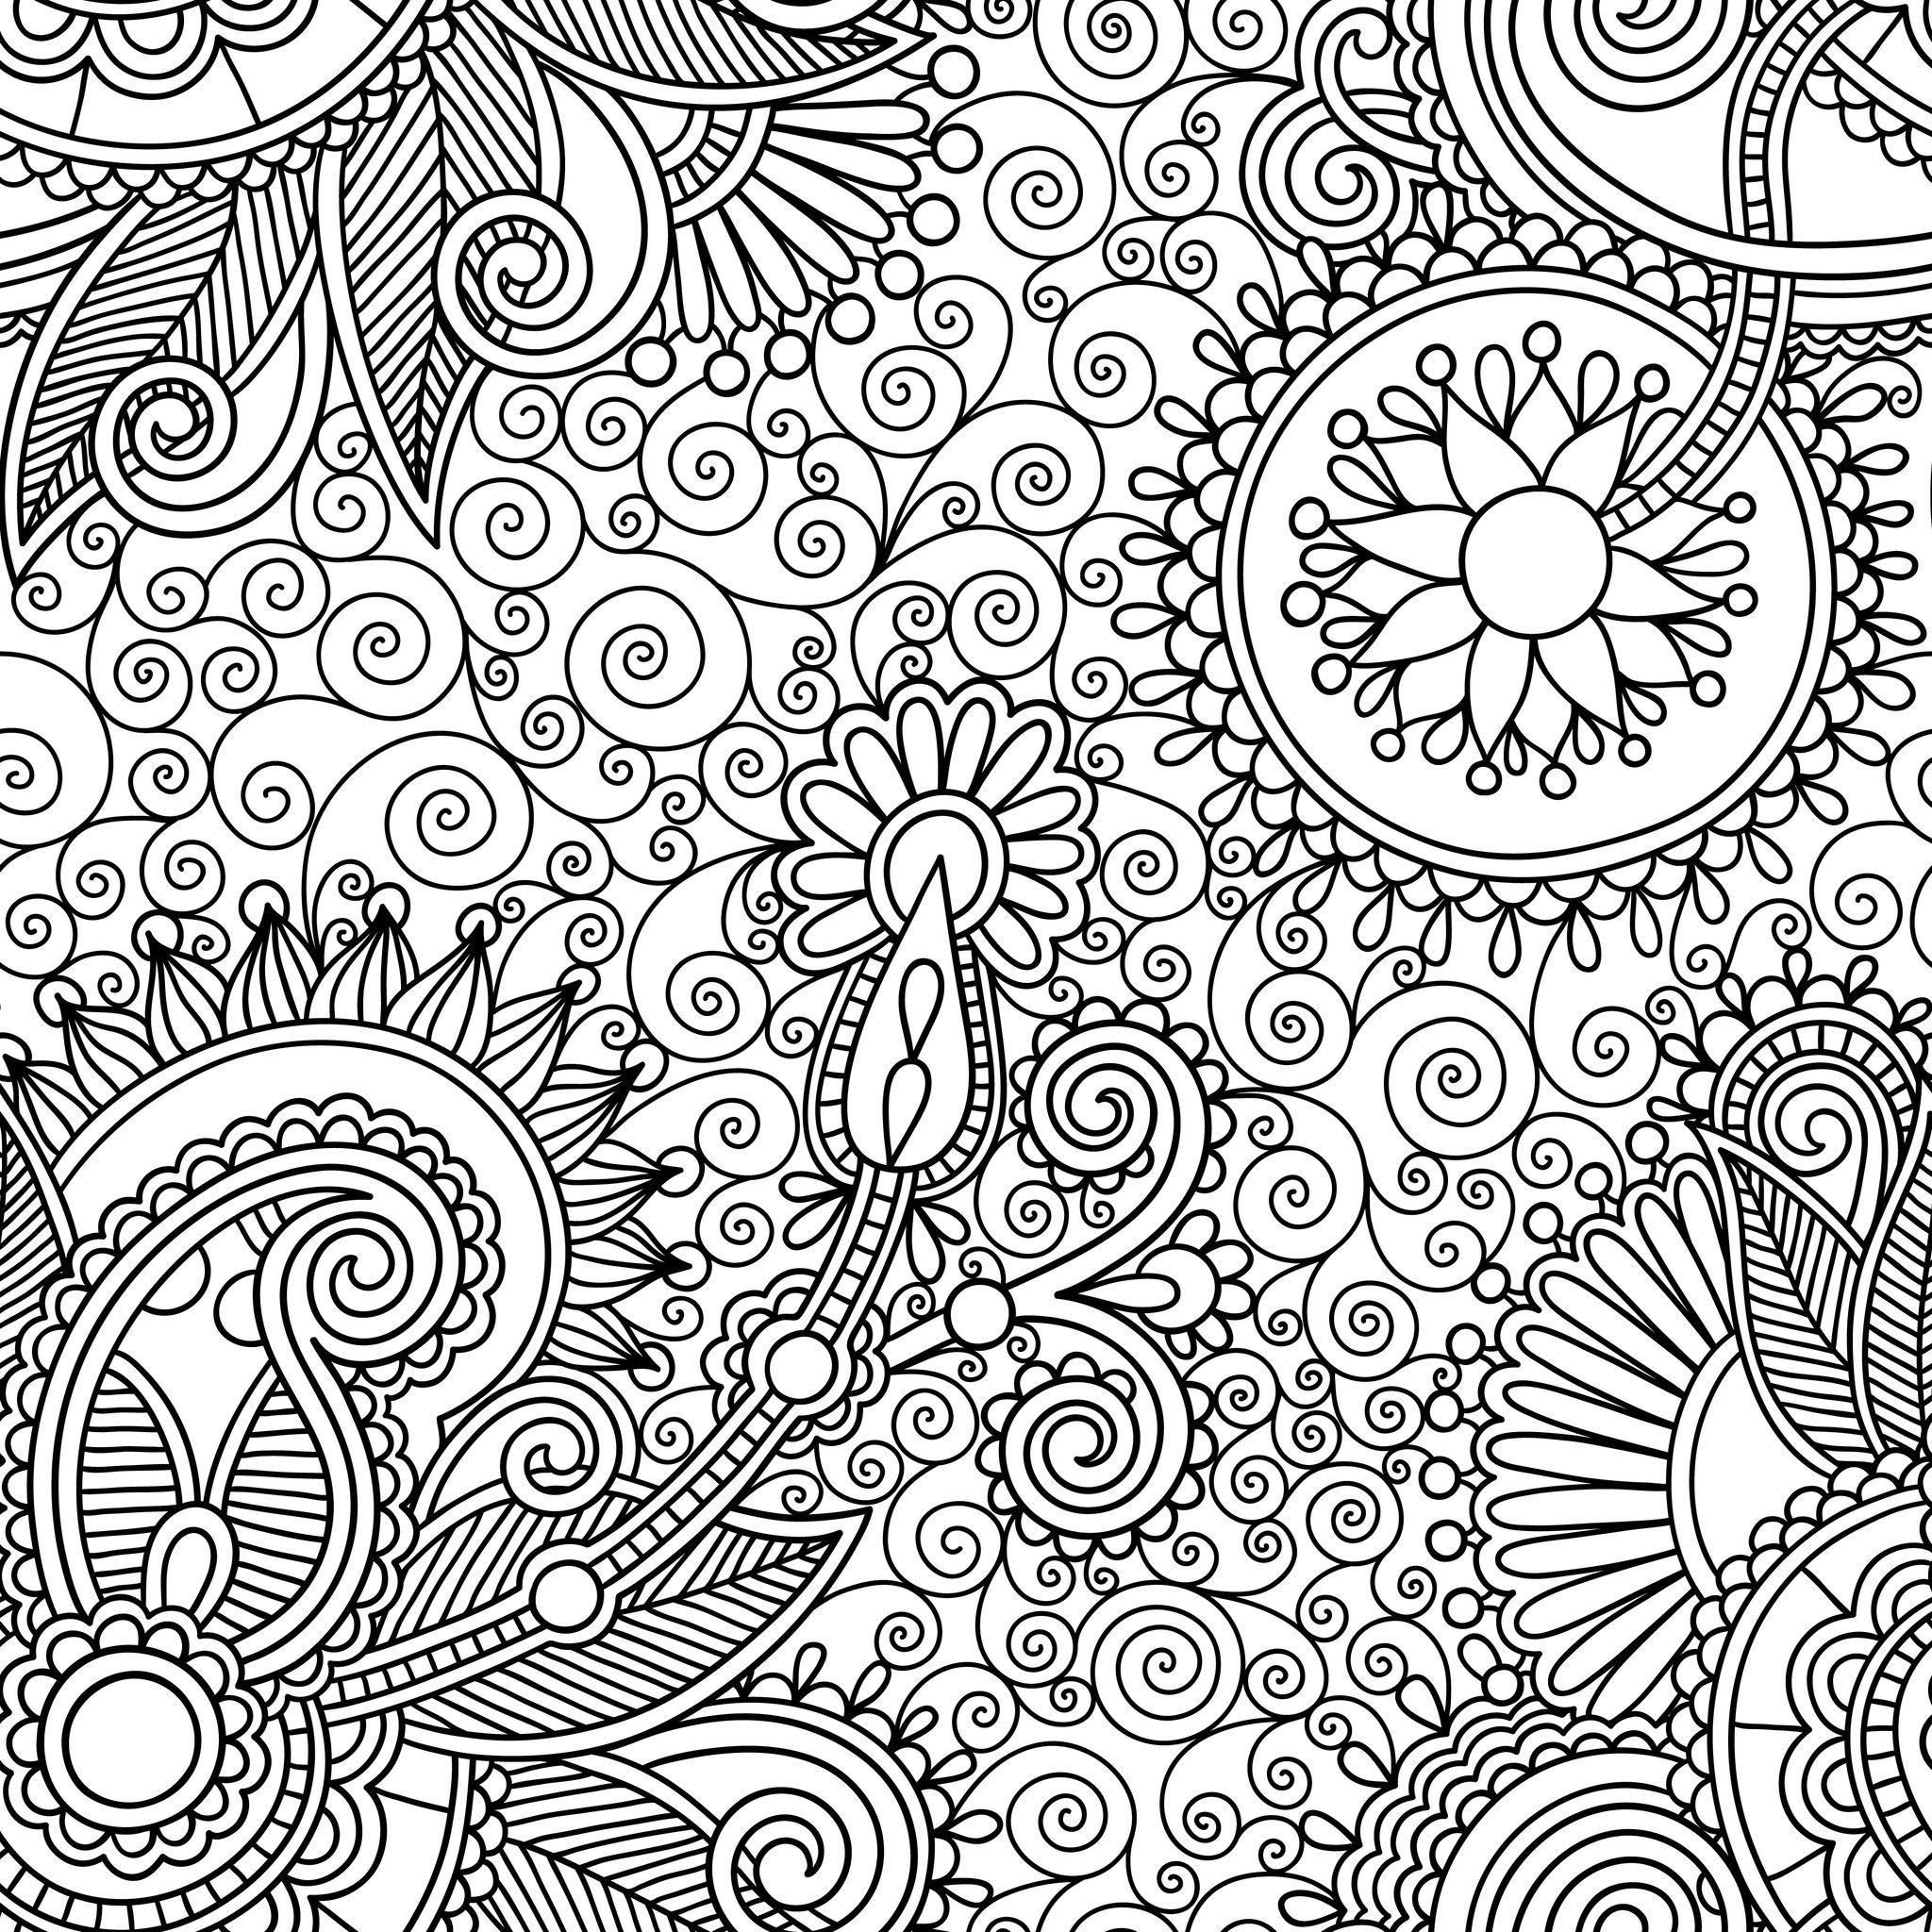 Les 25 Meilleures Idées De La Catégorie Elephant Mandala: Les 25 Meilleures Idées De La Catégorie Coloriage Zen Sur